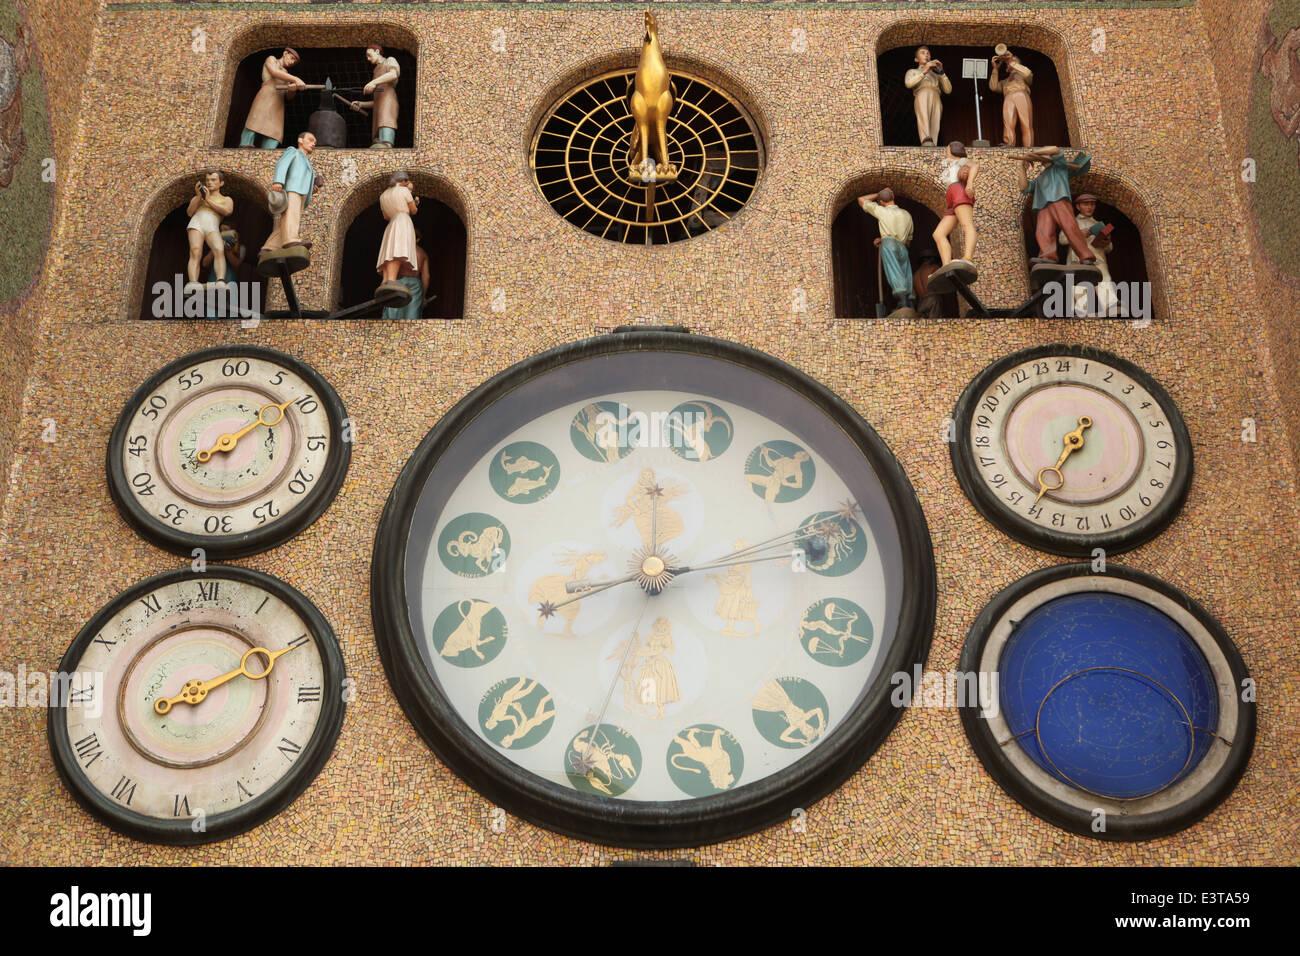 Astronomical clock in Olomouc, Czech Republic. - Stock Image